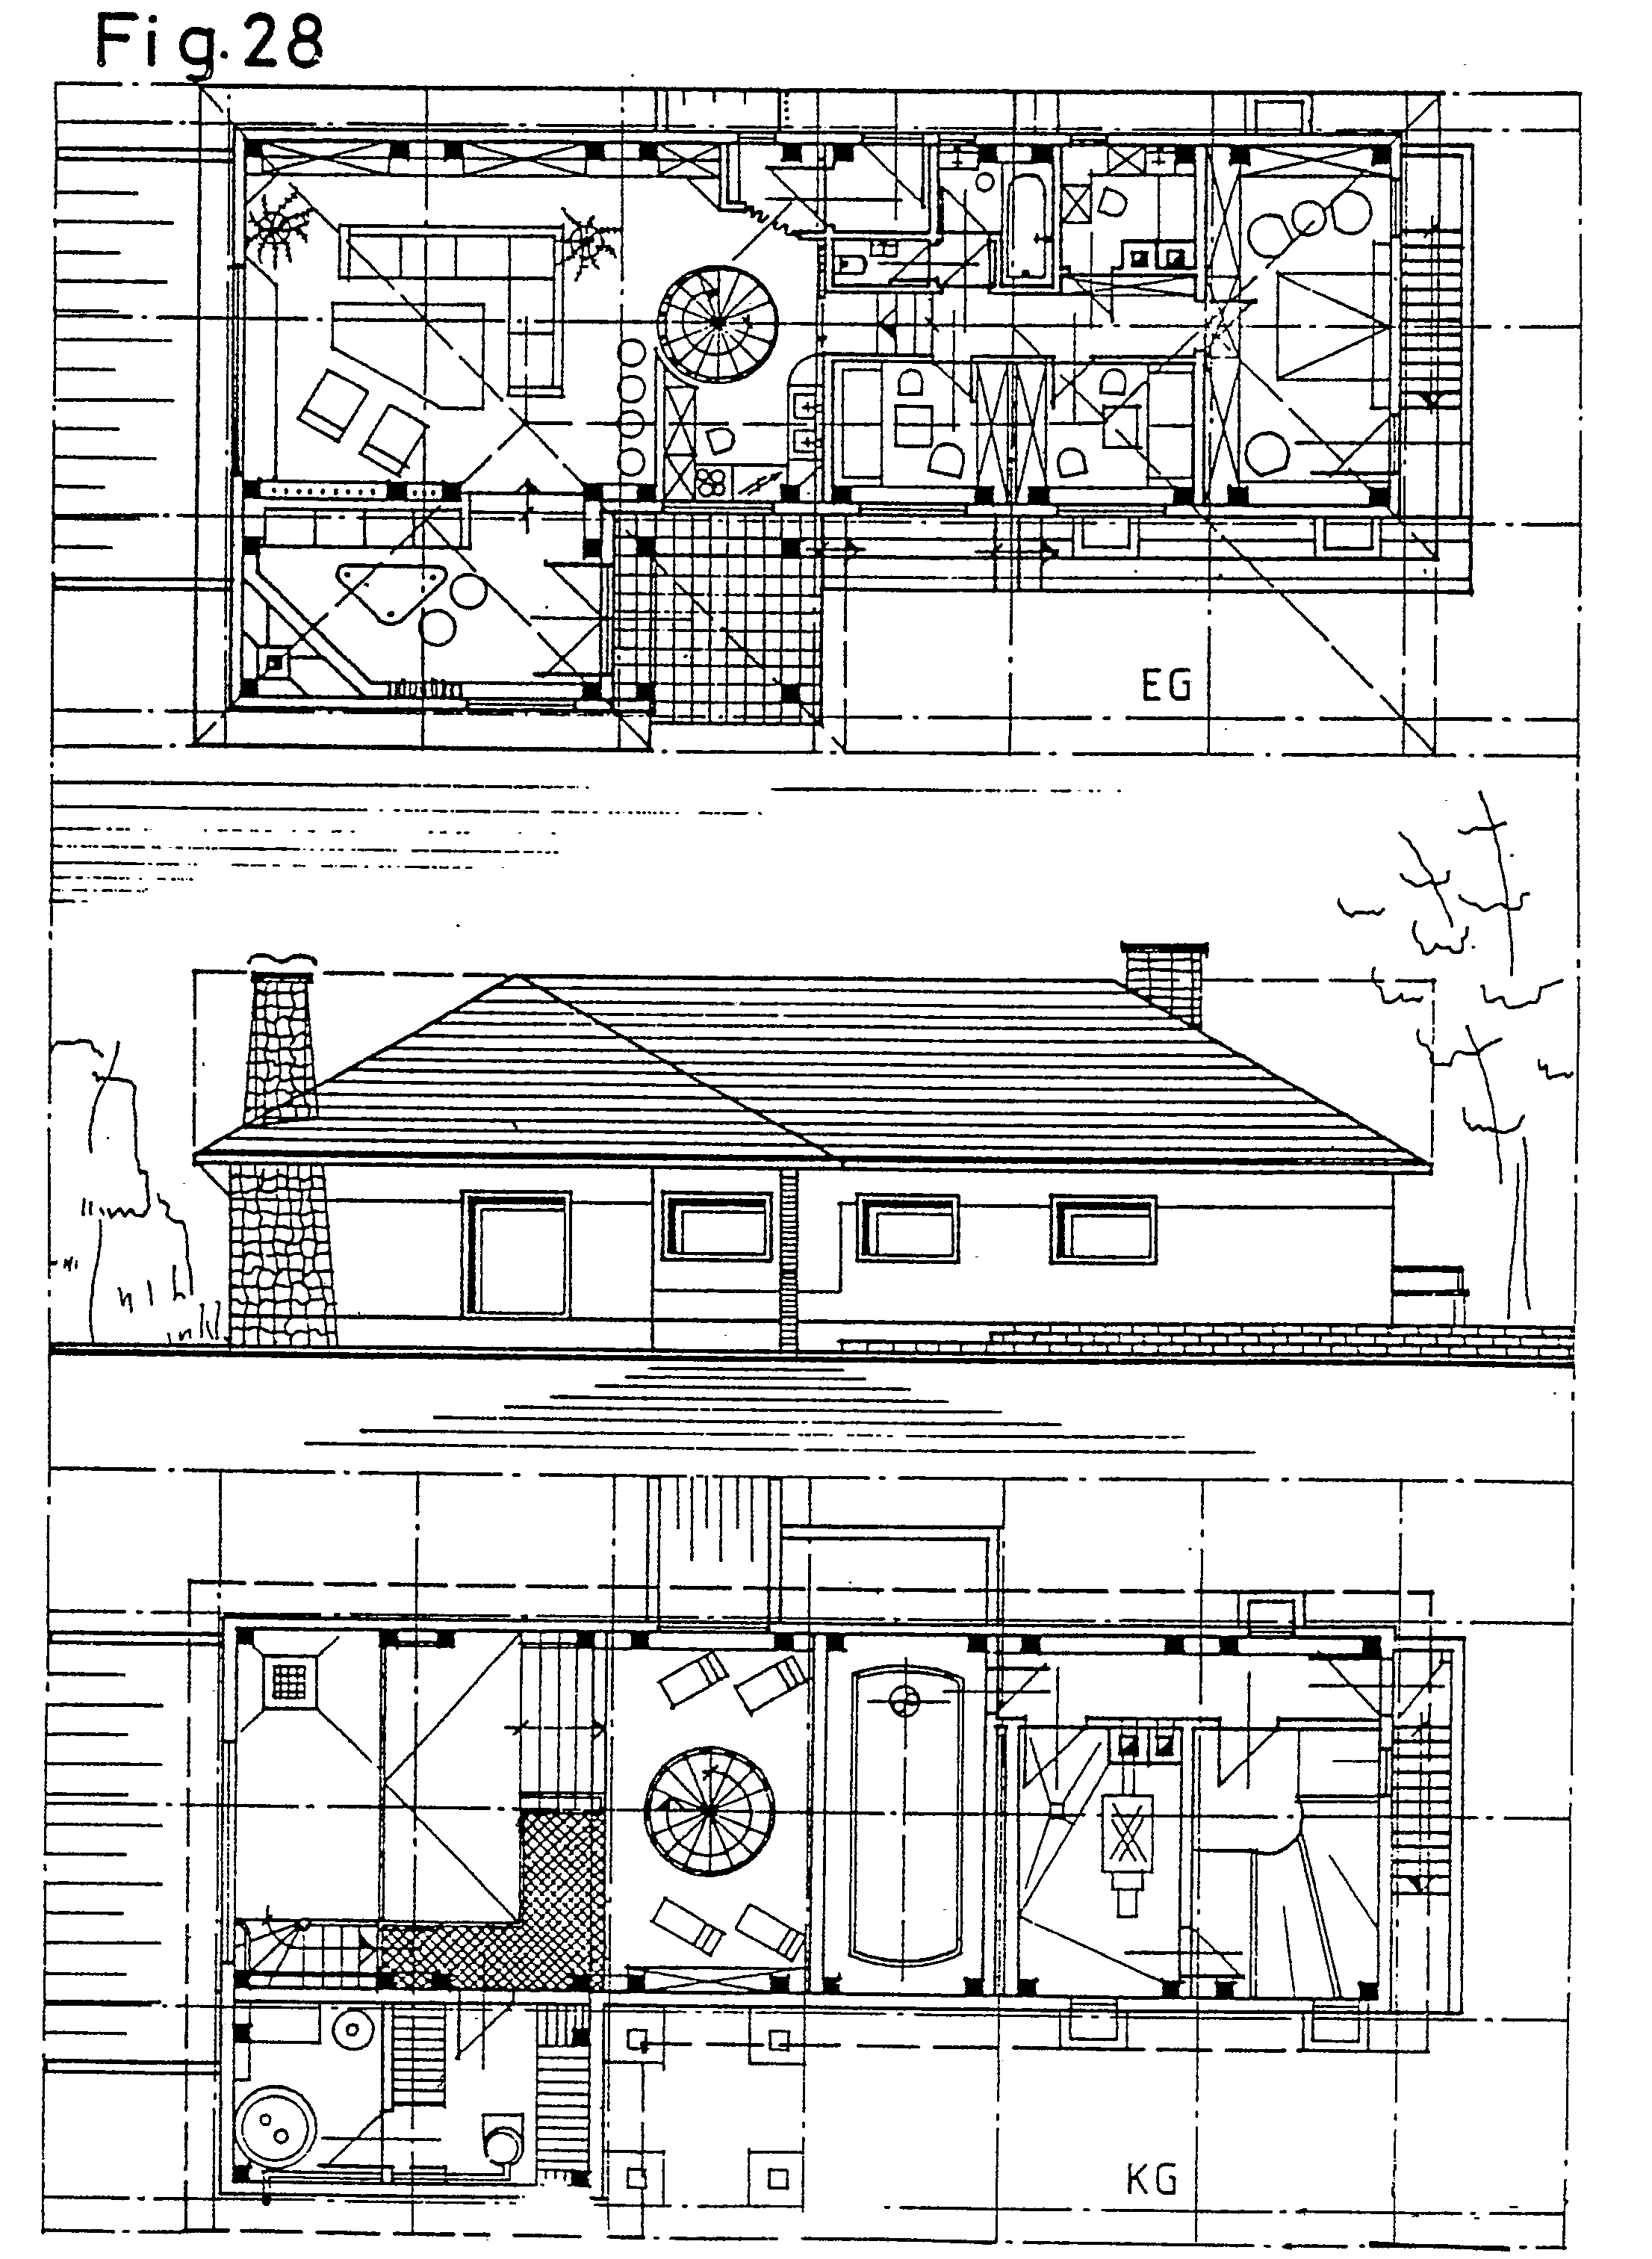 patent ep0038800b1 offenes skelett rahmensystem zur errichtung von bauwerken google patents. Black Bedroom Furniture Sets. Home Design Ideas